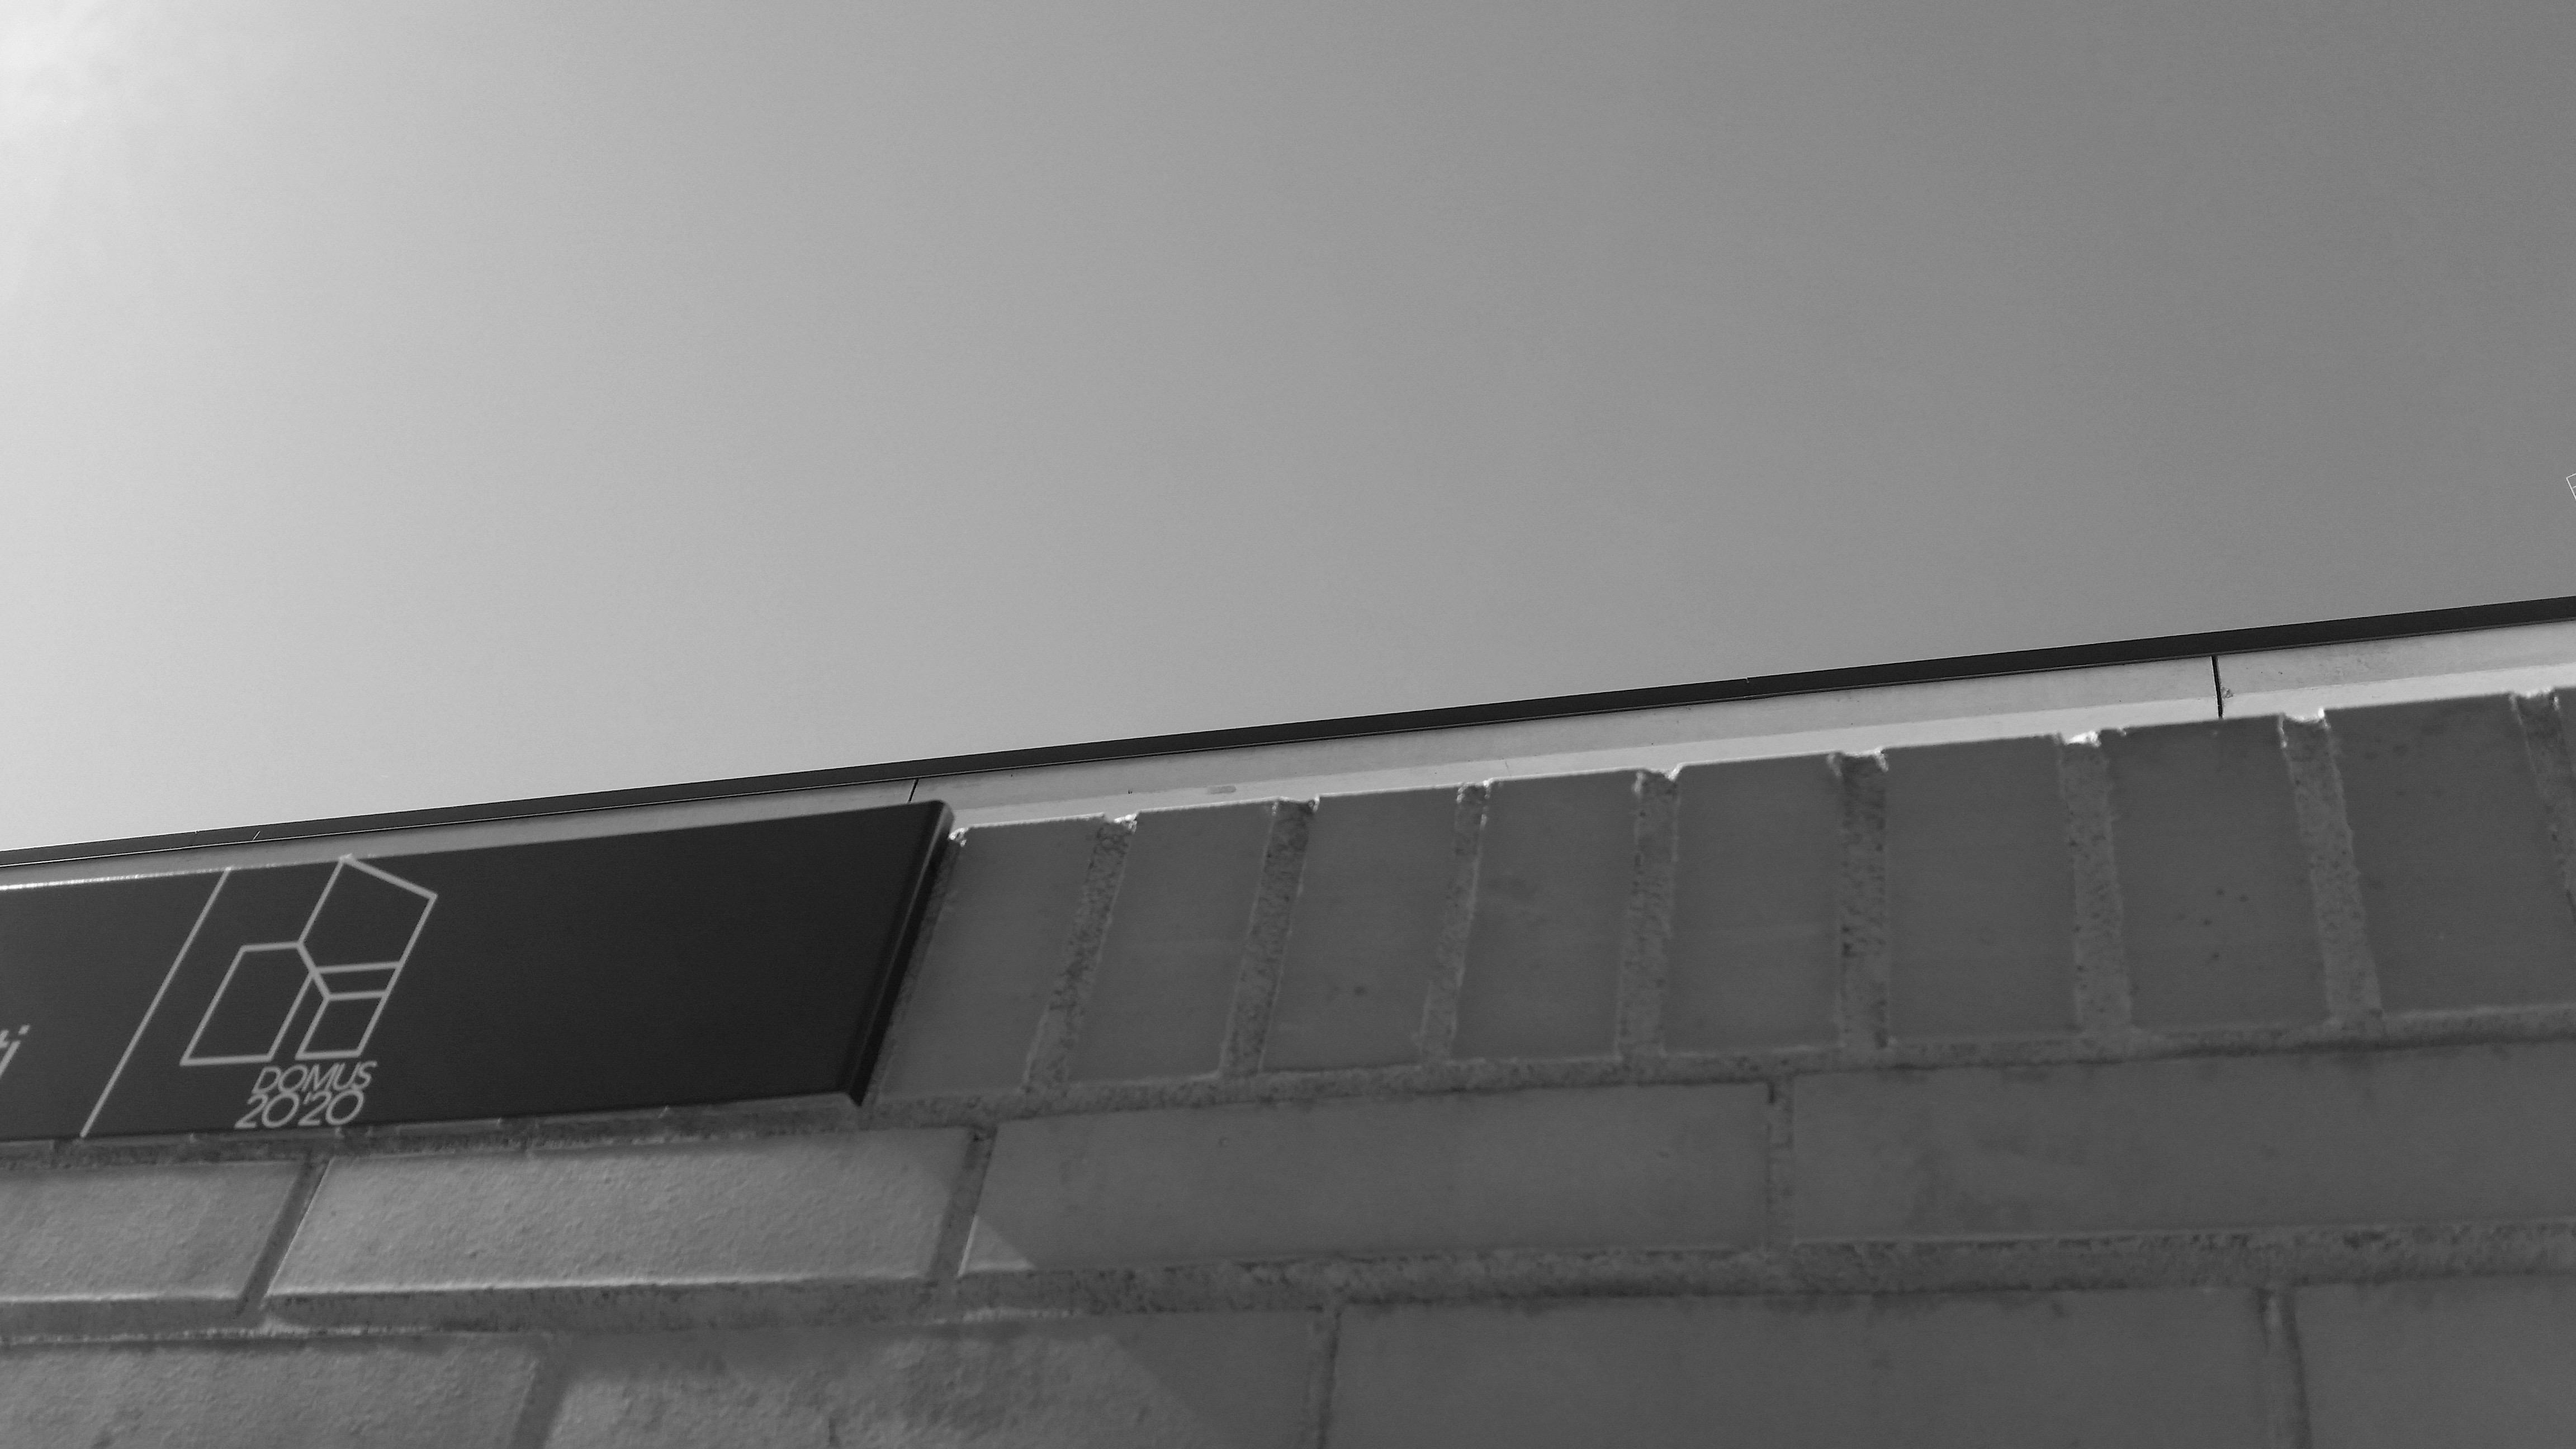 Domus 2020 detrazioni irpef 2017 per acquisto di case in for Capienza irpef per detrazioni